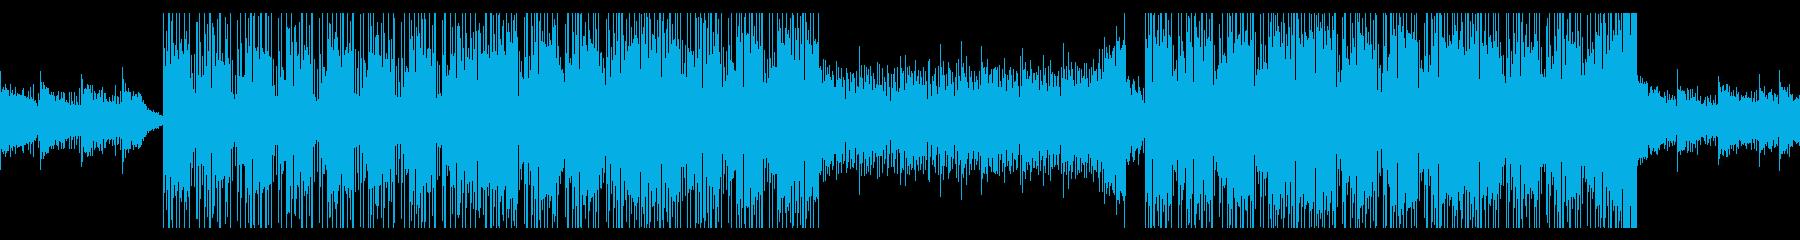 クールなかっこいい曲(ループ)の再生済みの波形